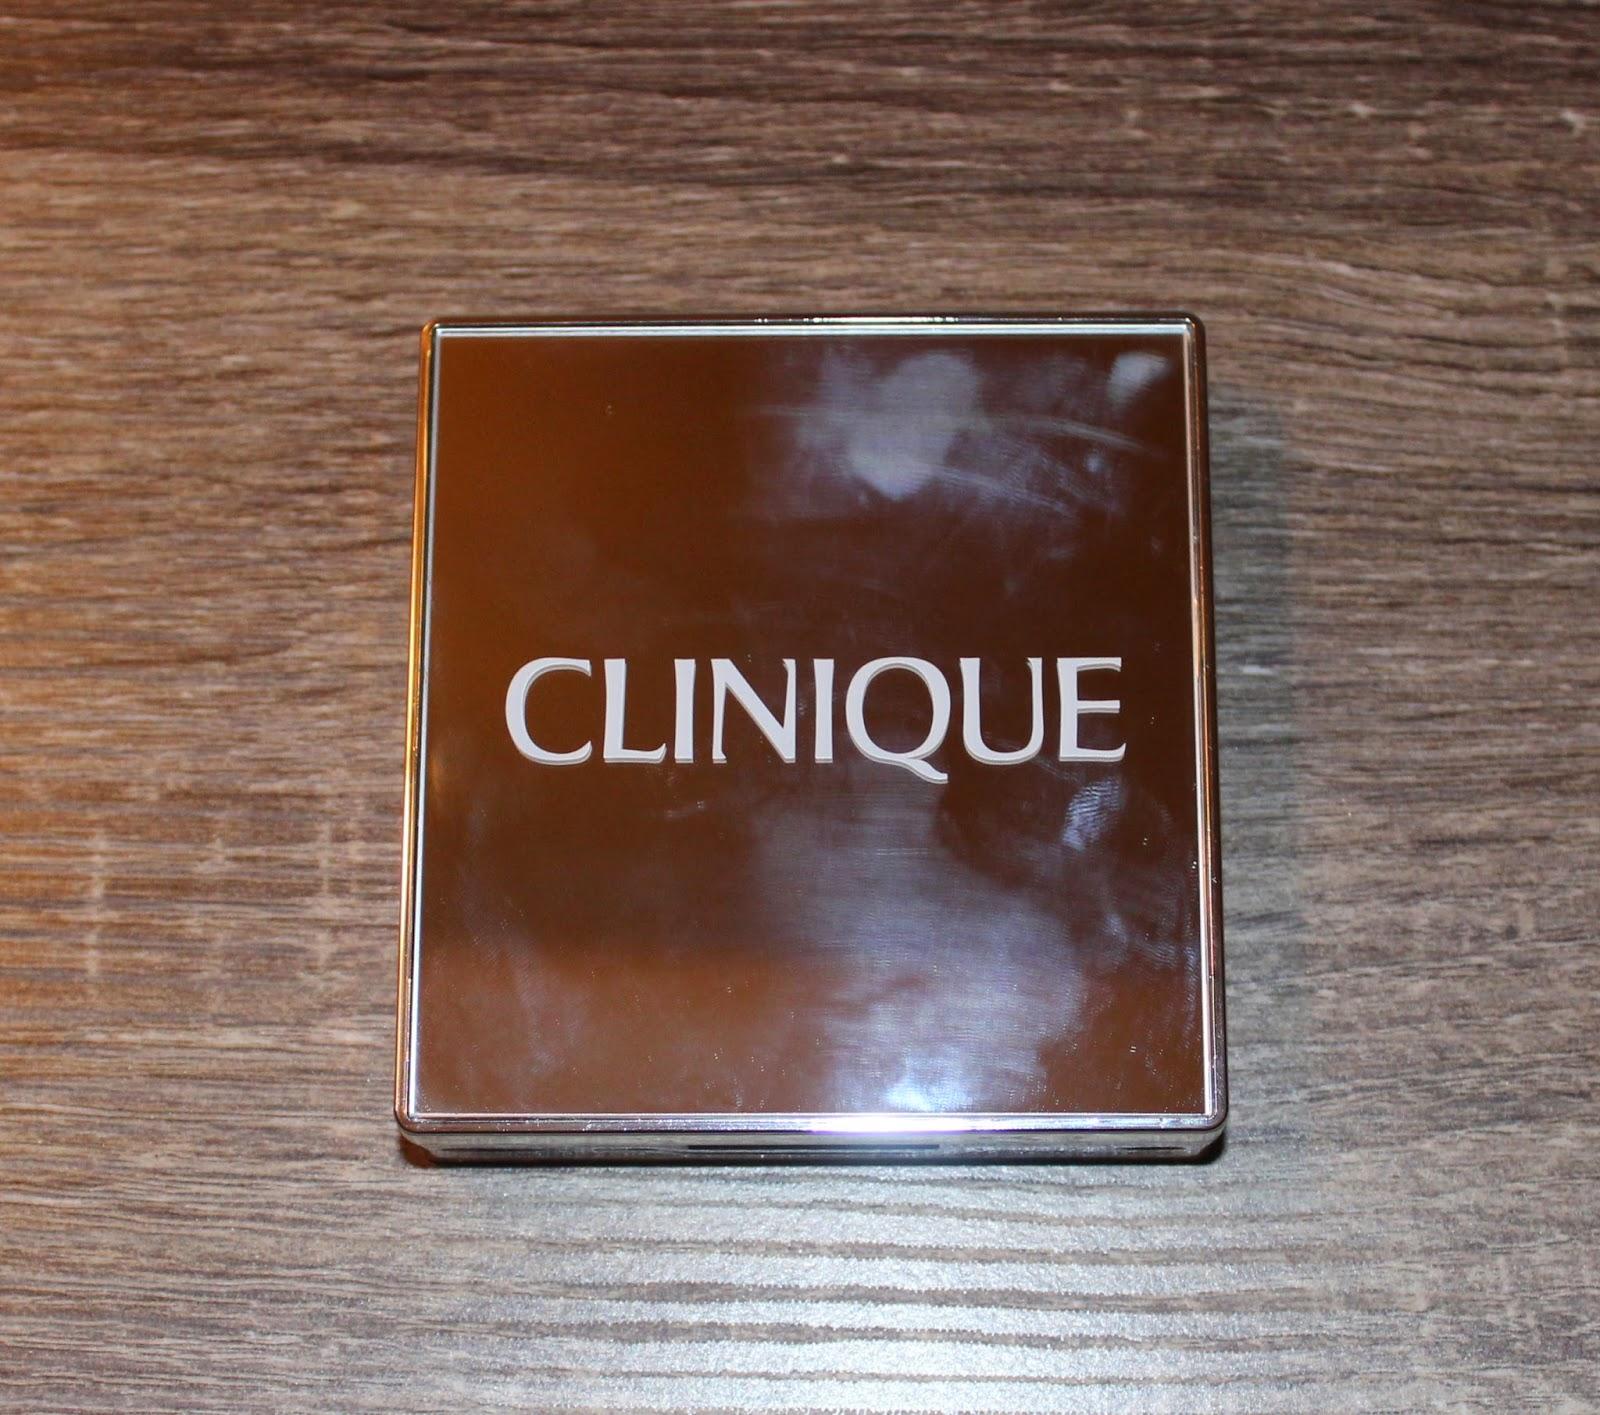 Clinique's The Nutcracker Act 1 Palette